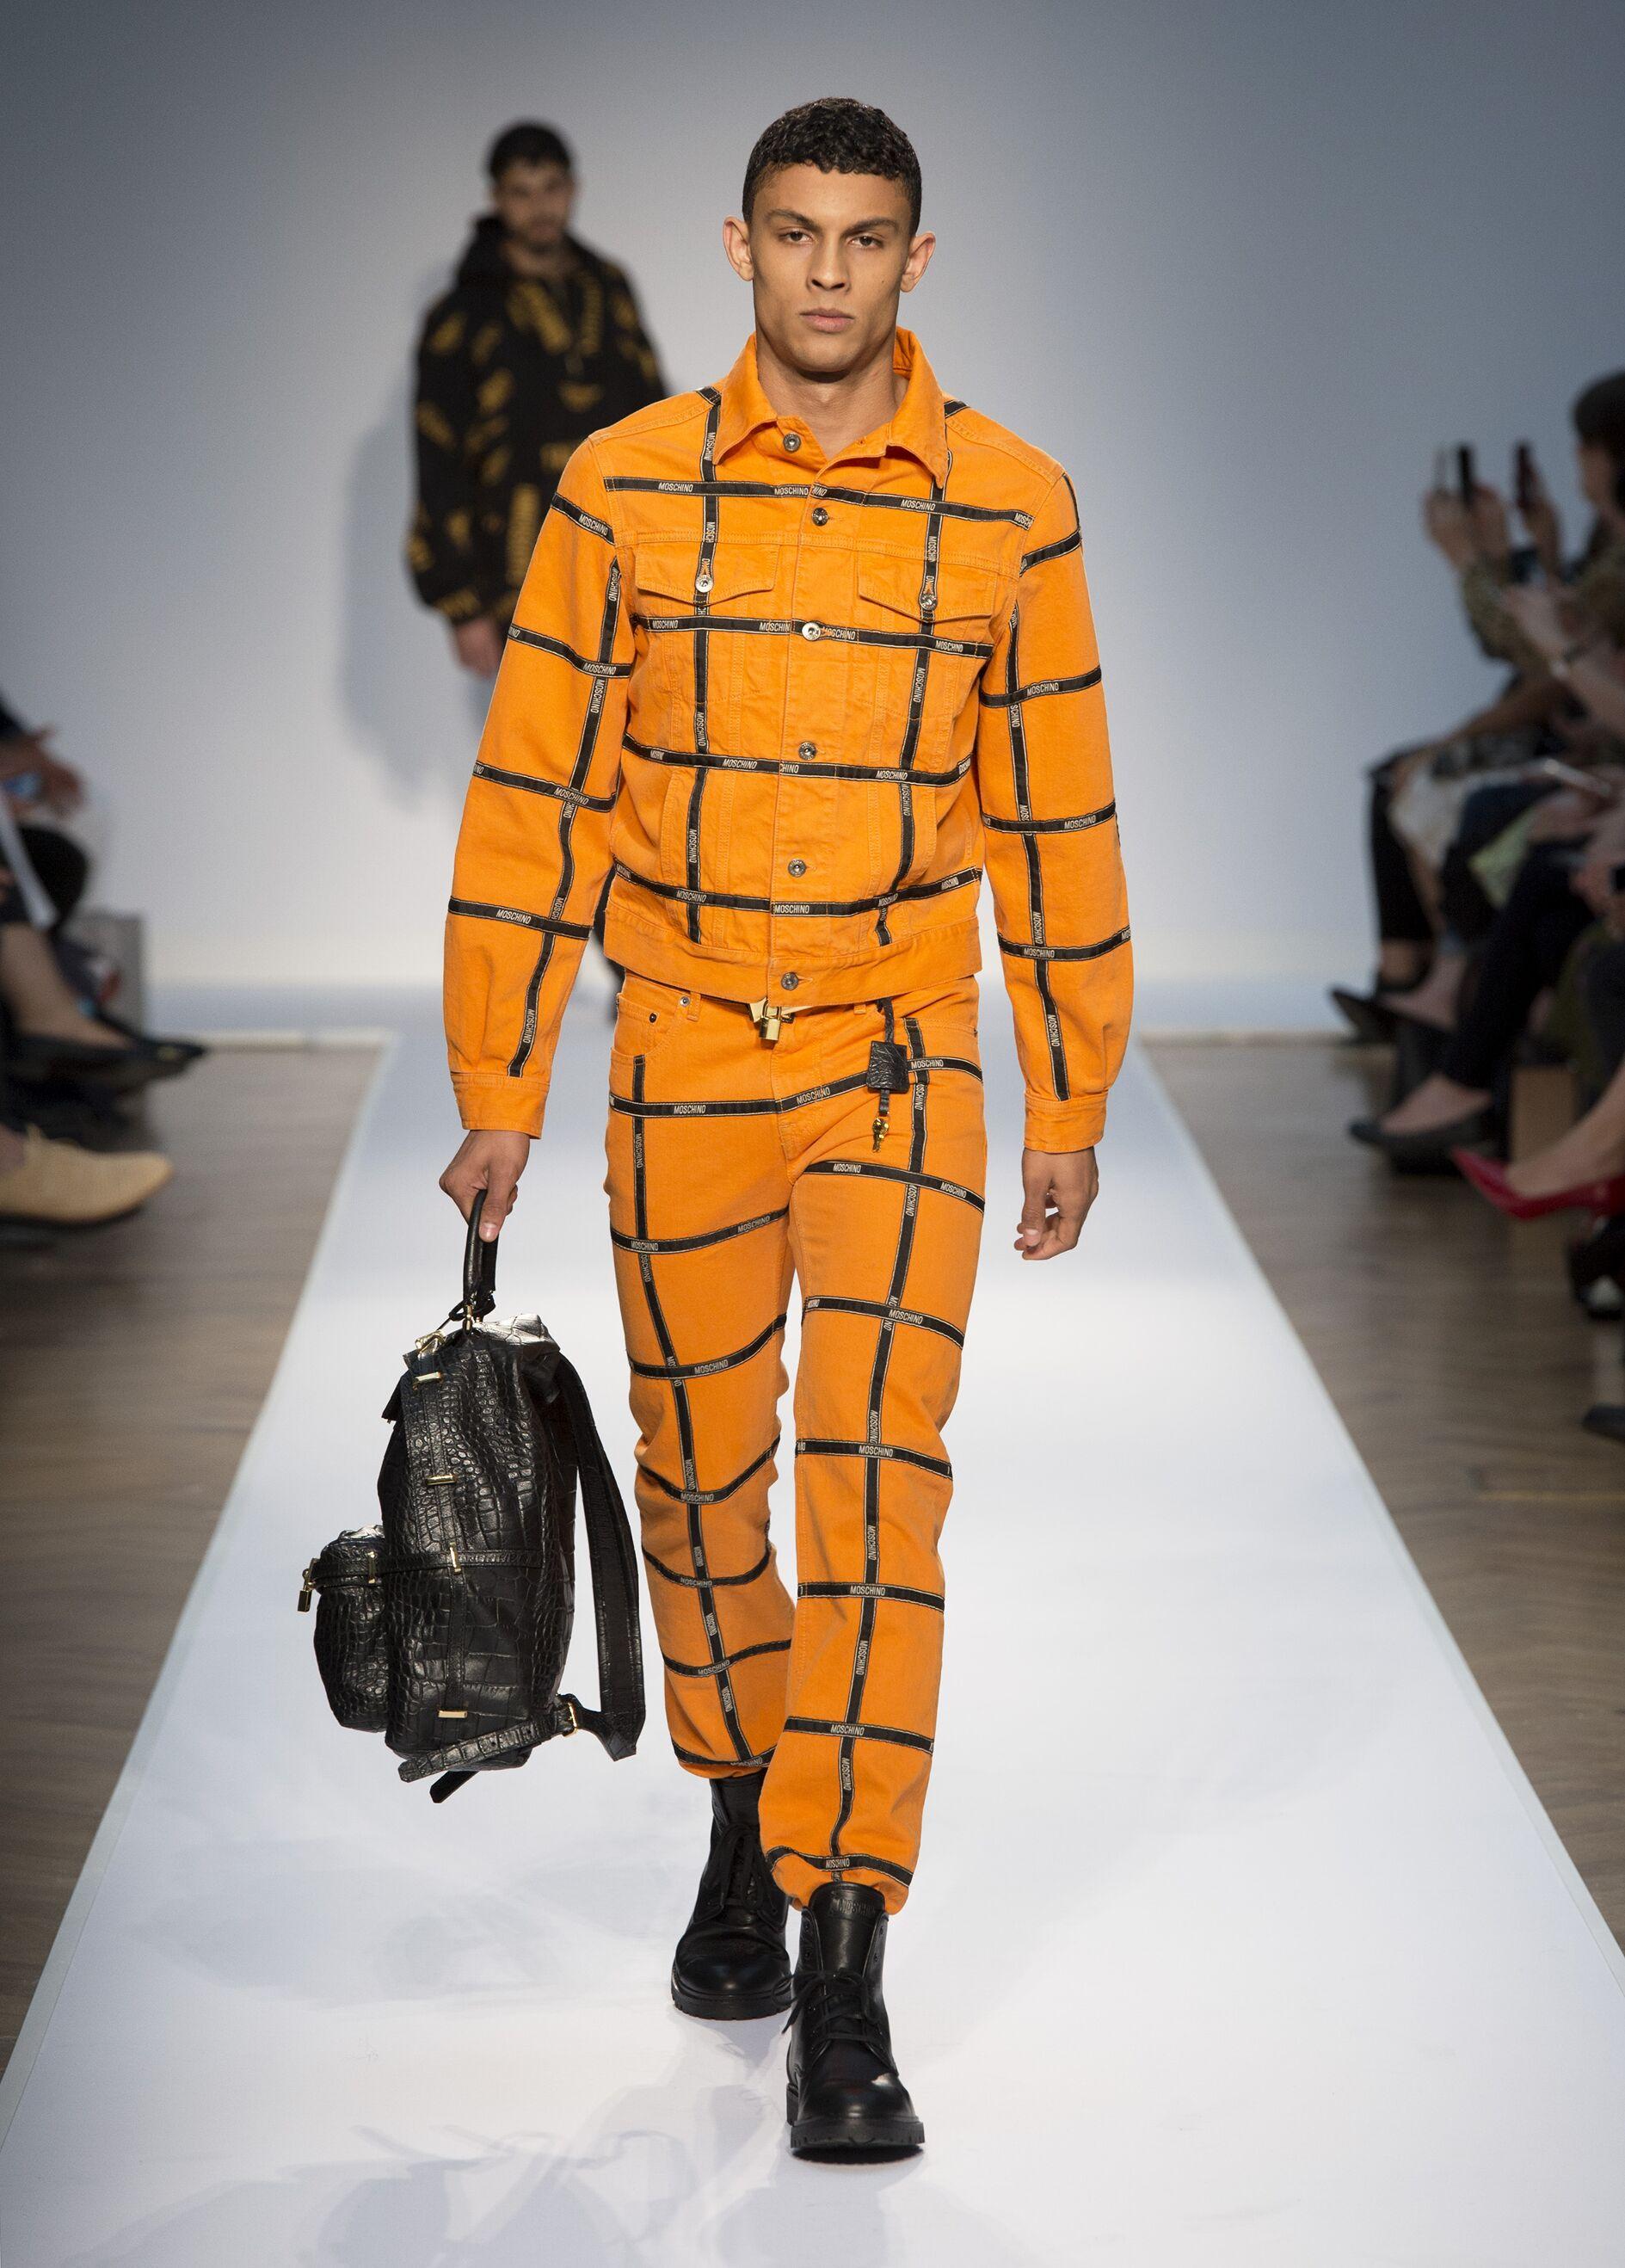 2015 Moschino Catwalk